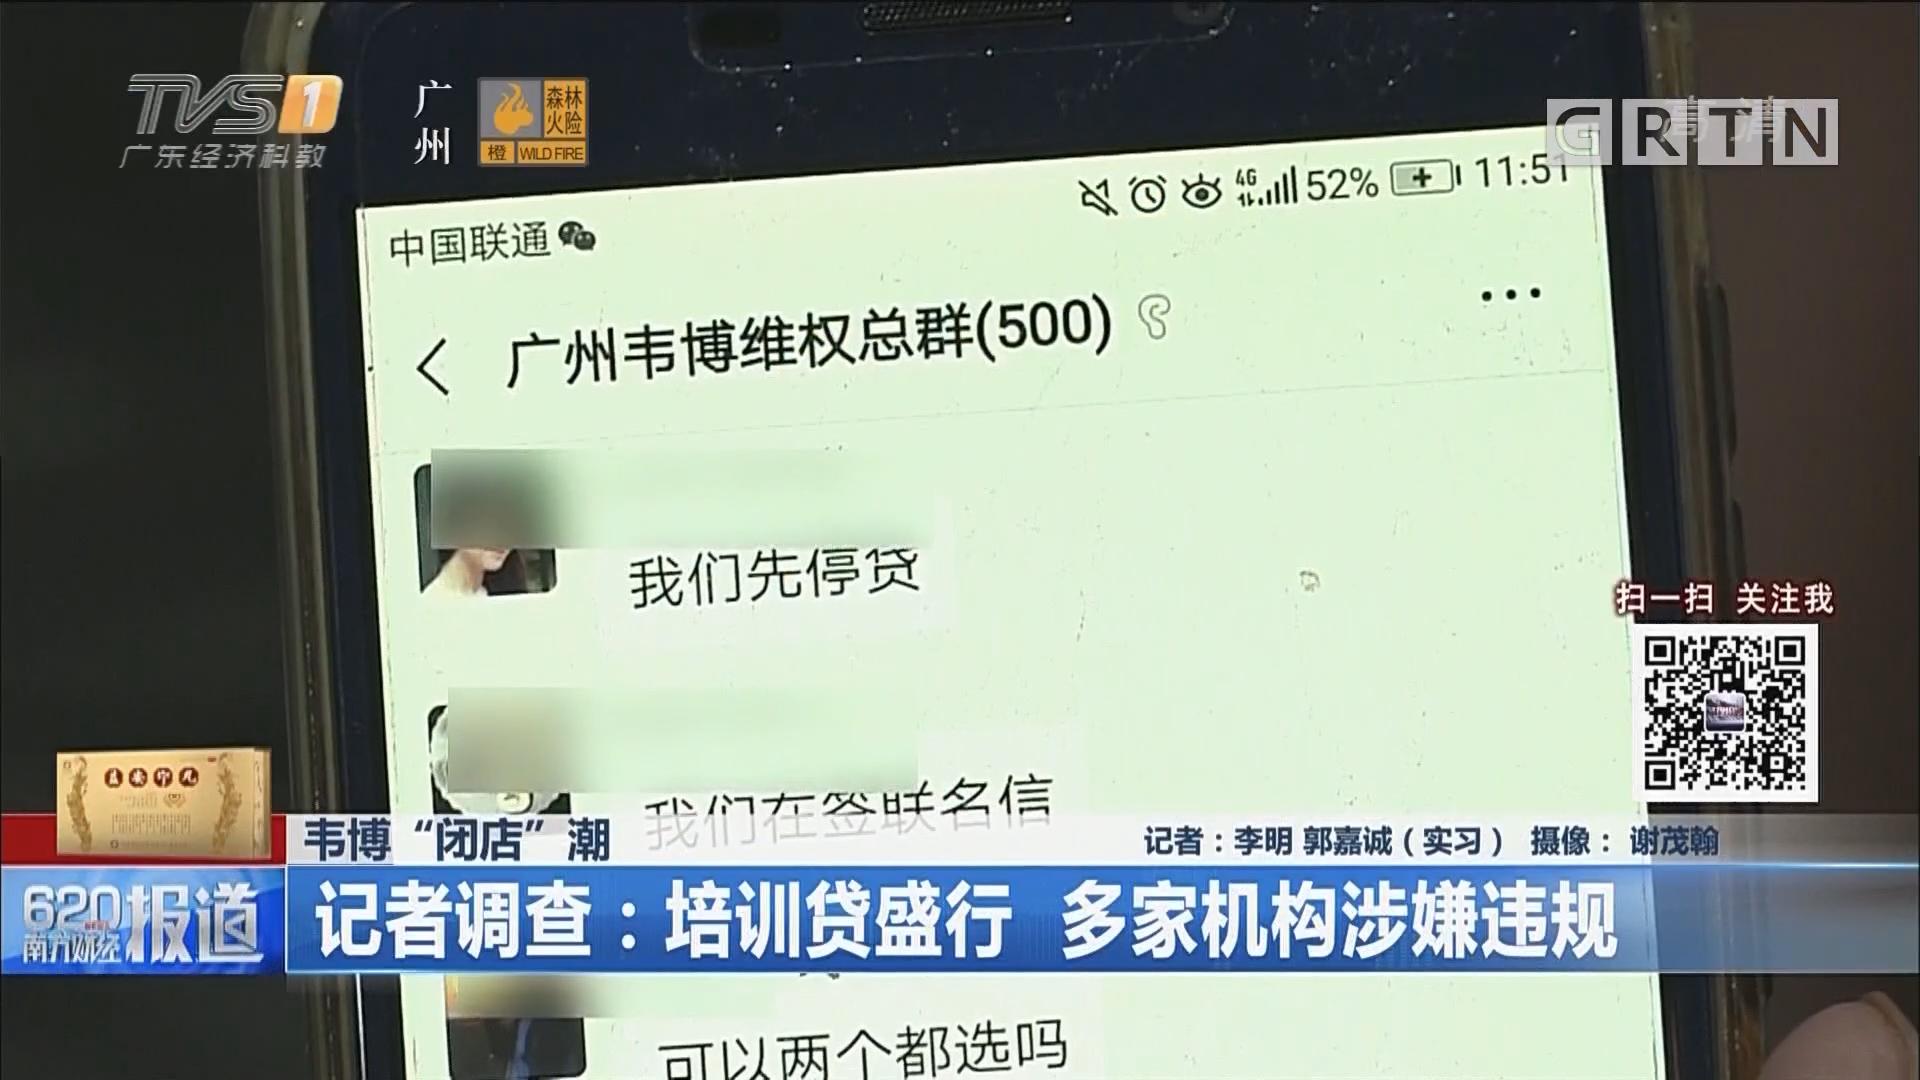 """韦博""""闭店""""潮 记者调查:培训贷盛行 多家机构涉嫌违规"""